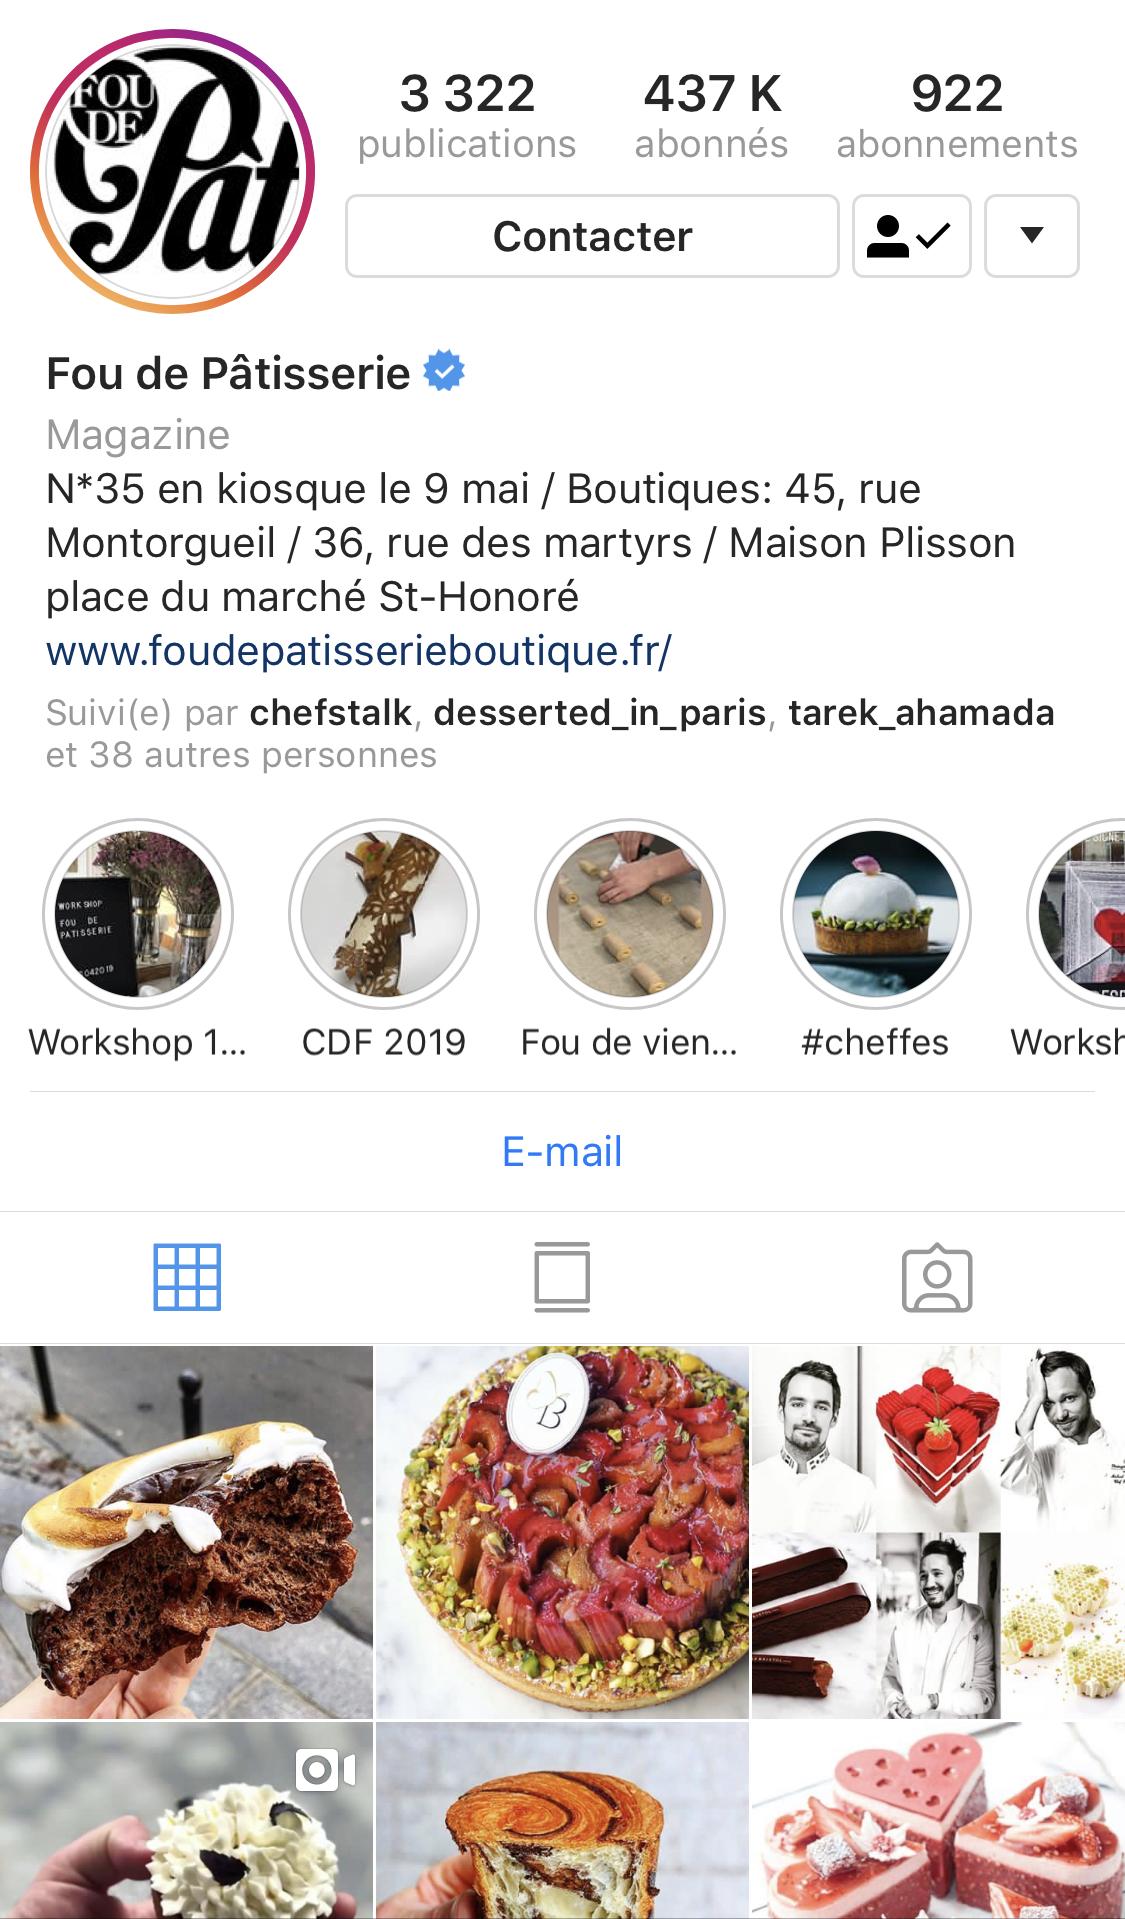 接近40萬人追蹤的 FDP Instagram 帳號,成功凝聚網路上的甜點愛好者、建立了非常活躍的社群。(圖片來源:Instagram| Fou de Pâtisserie  )